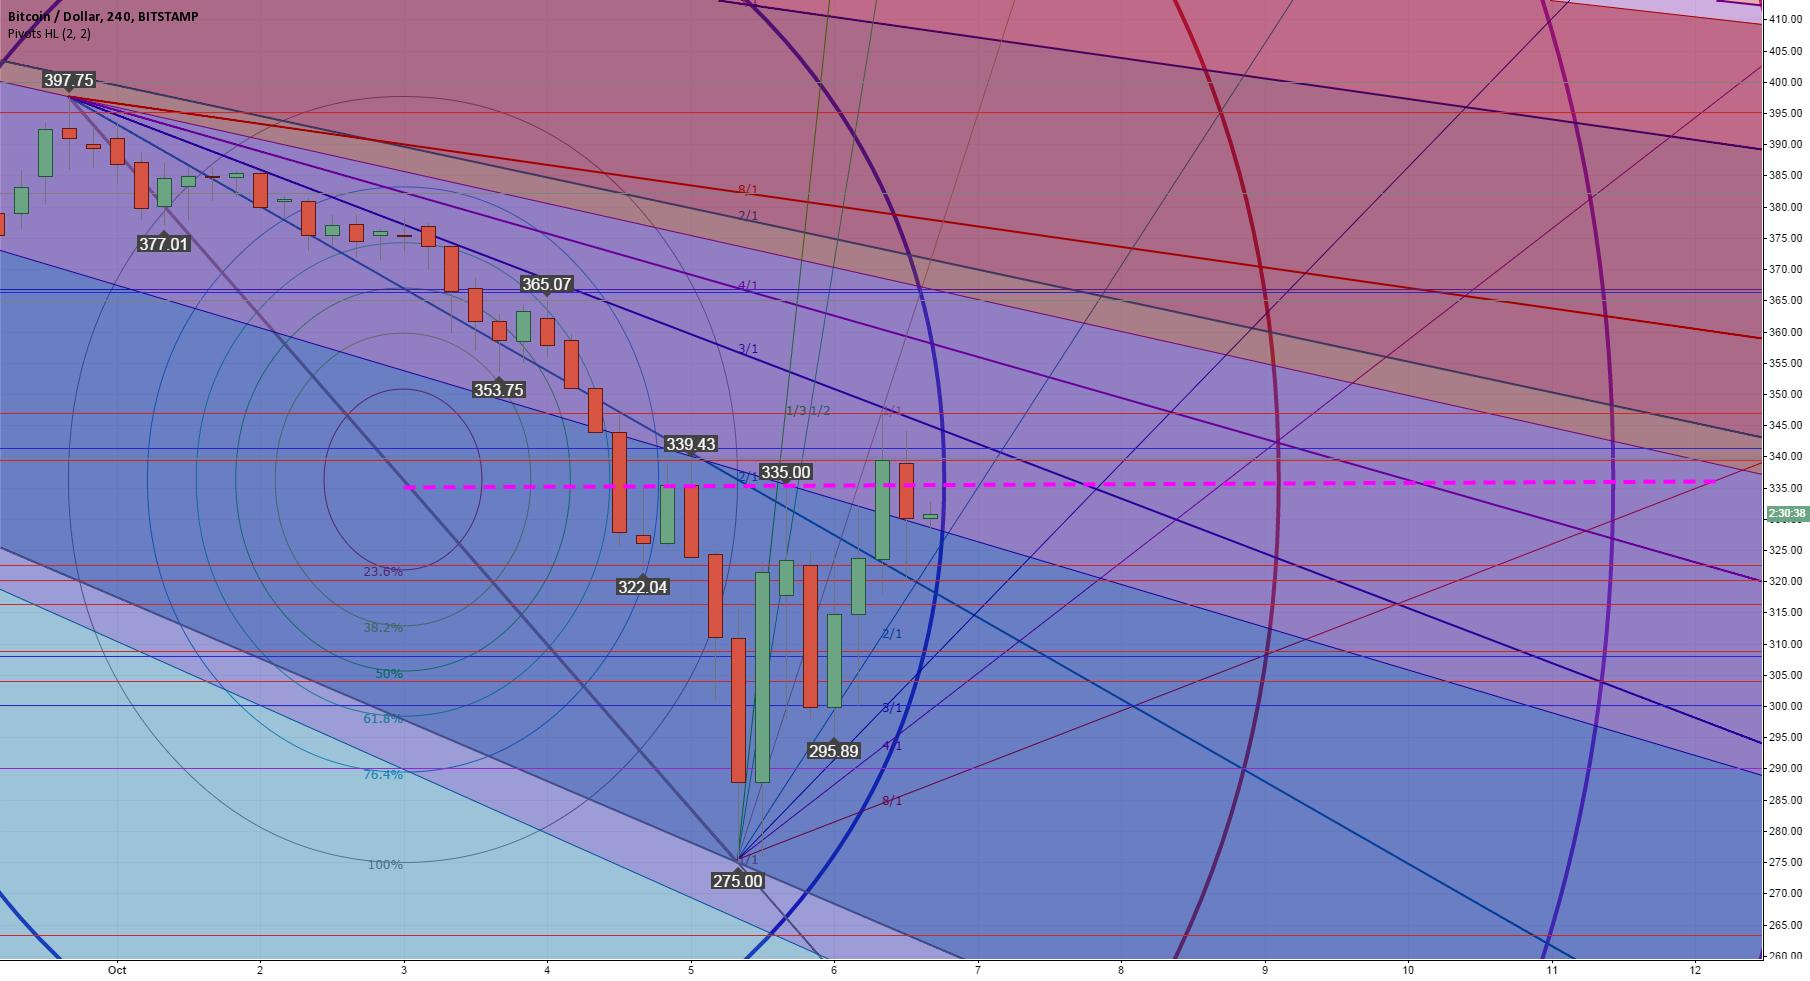 Bullish Bitcoin Bottom or Bearish Bull Trap? Watch The Pink Line